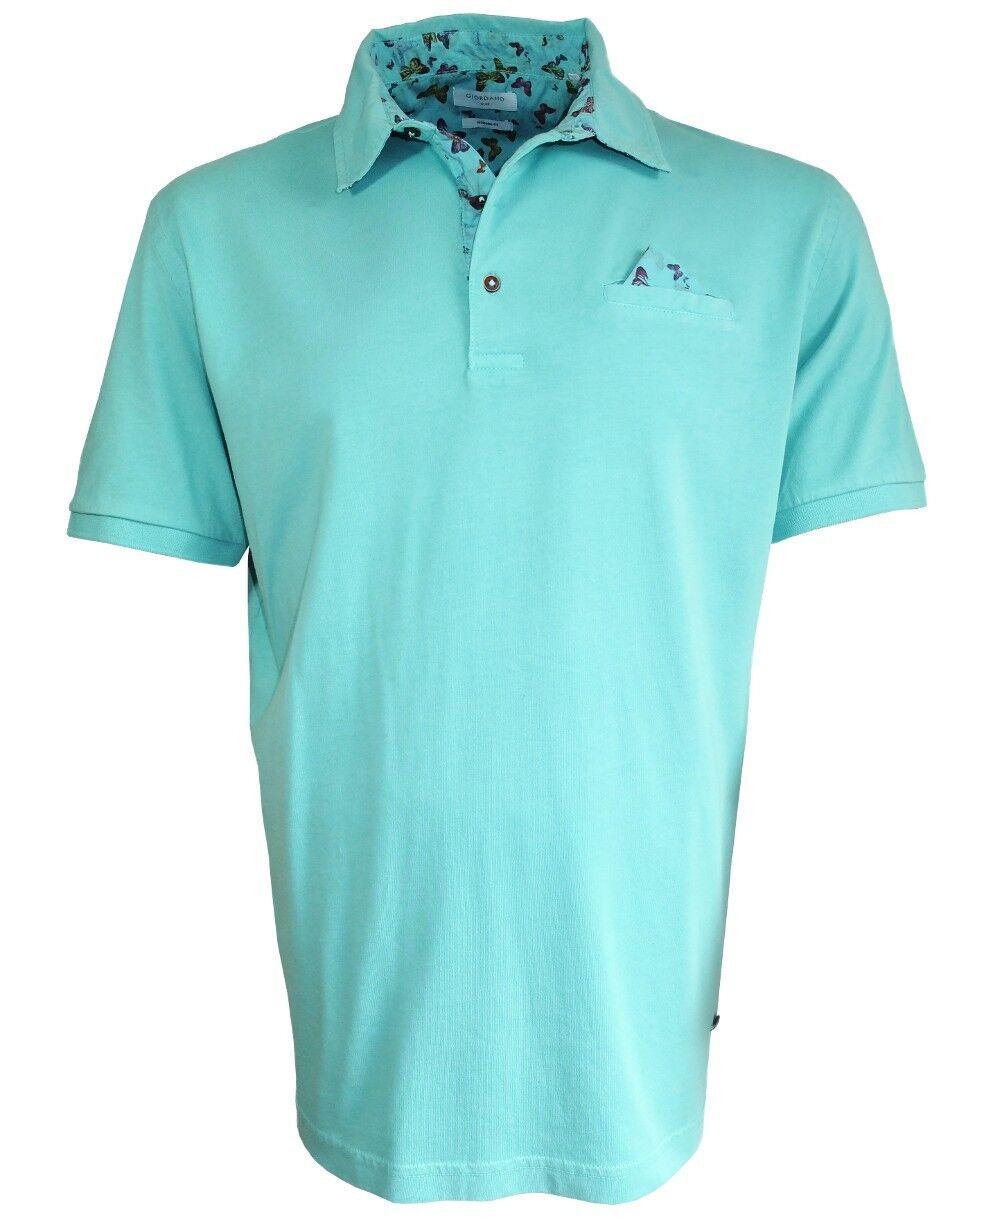 Giordano Polo Shirt mit Brusttasche und Ziertuch in mint Gr. XL und XXL